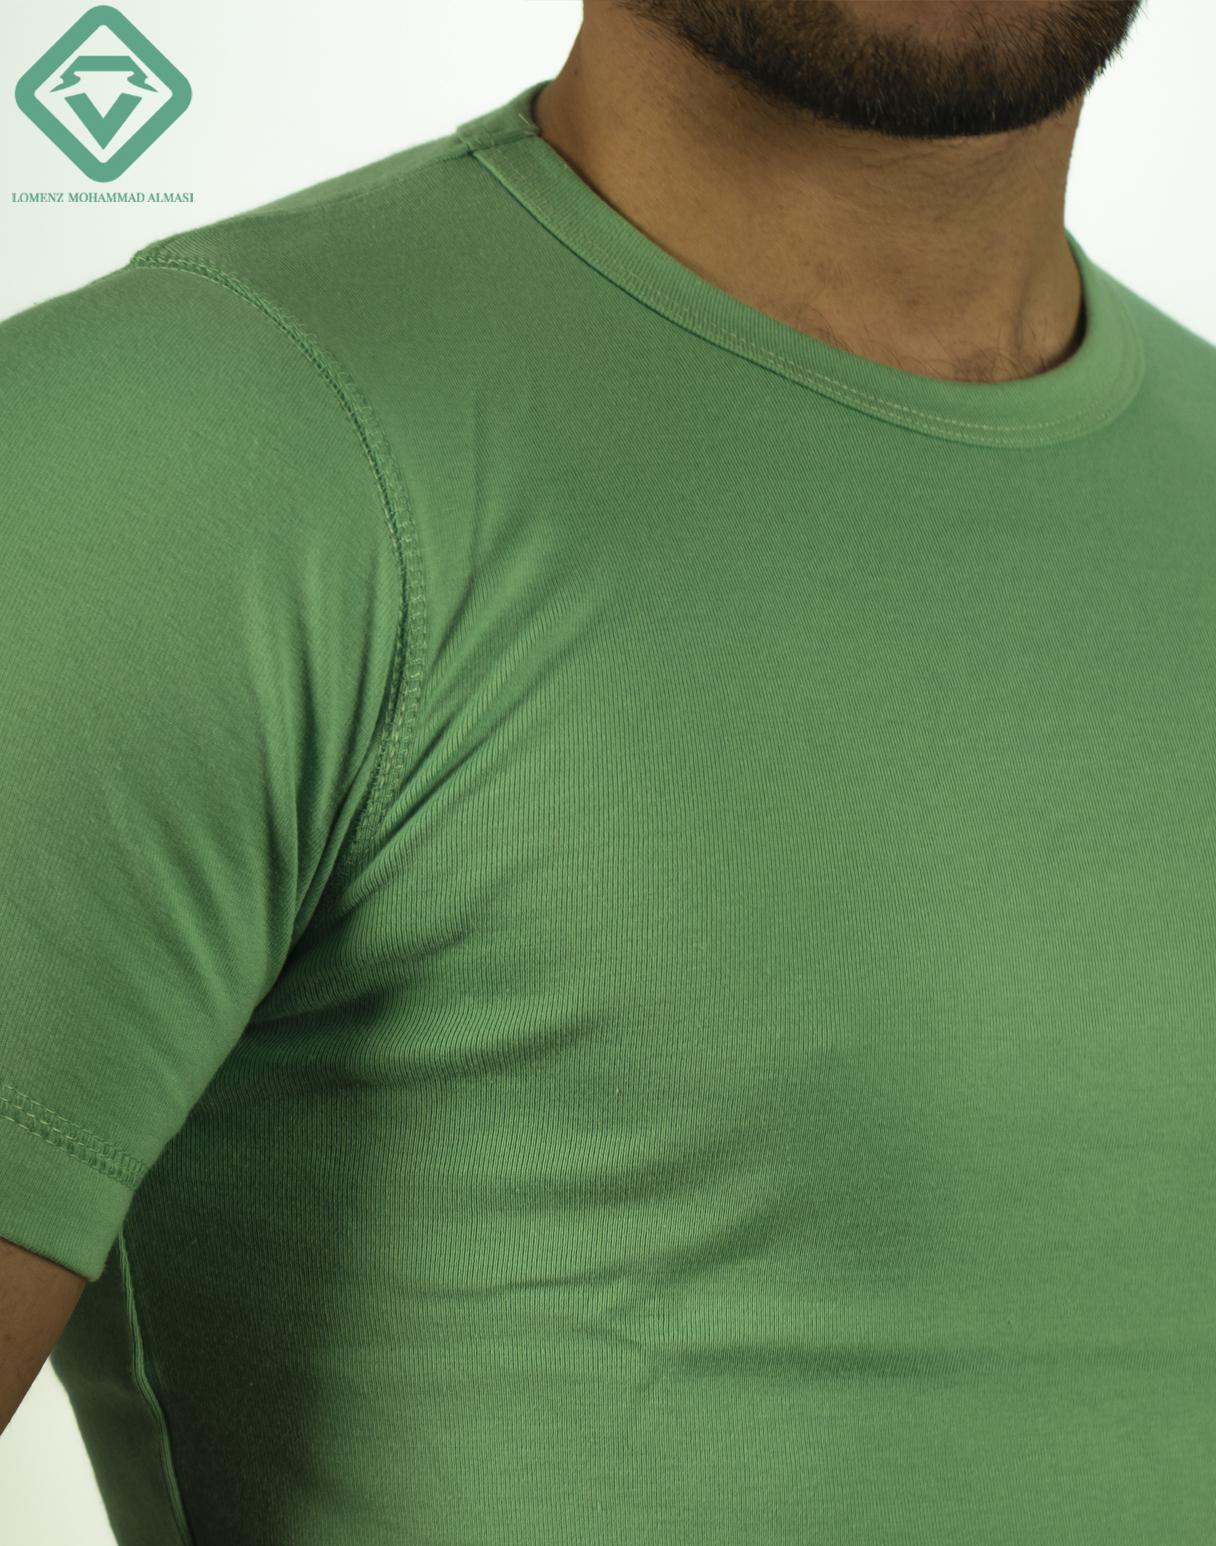 تیشرت تام تیلور رنگ سبز نفتی | فروشگاه لومنز